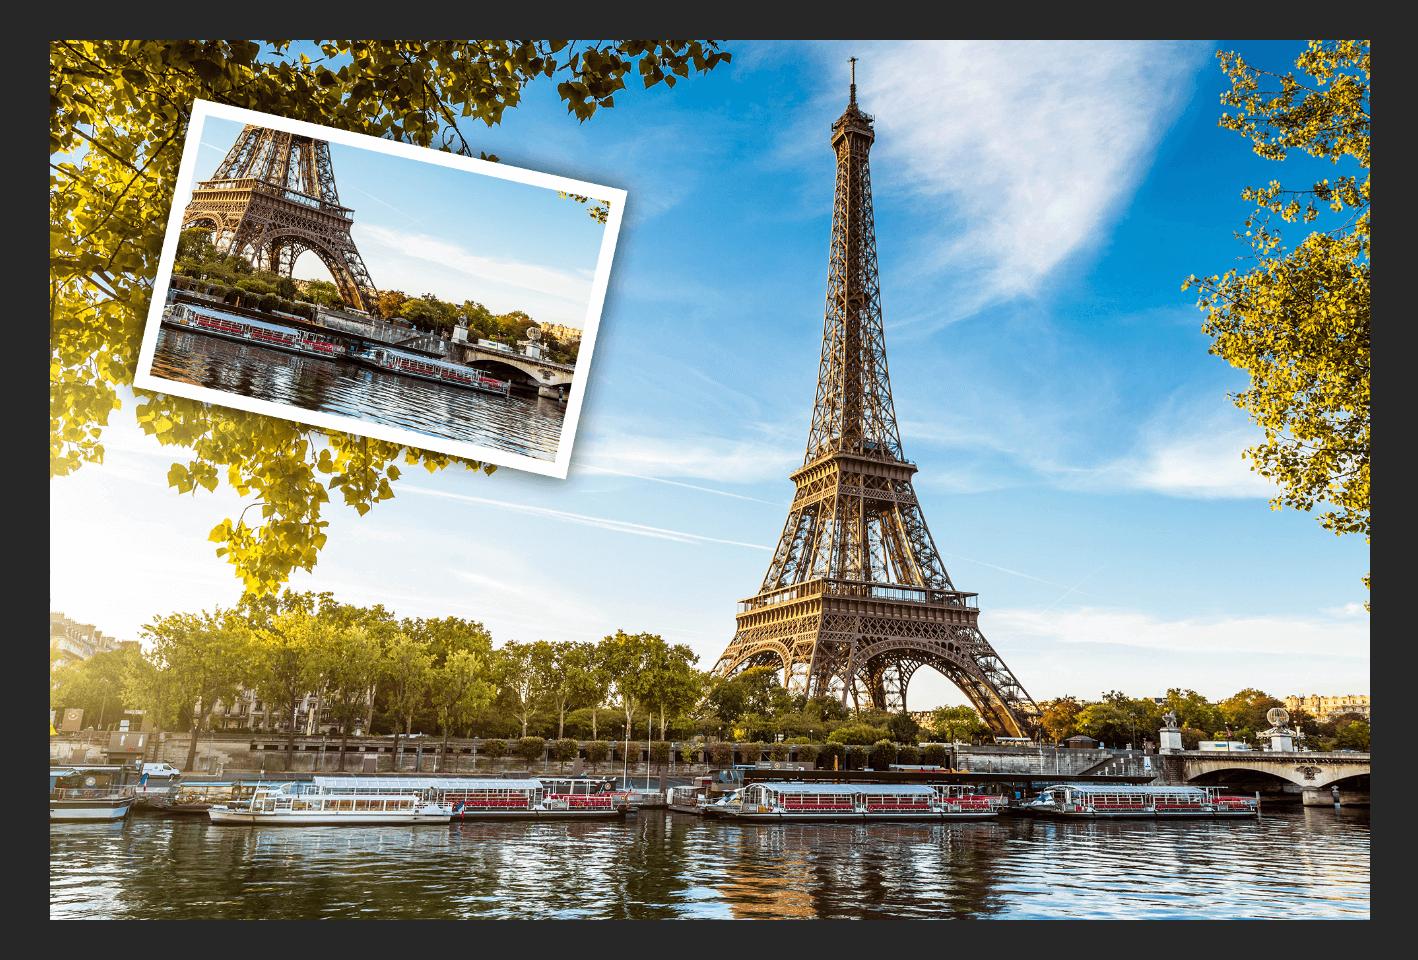 Как разделить фото на равные части в Фотошопе